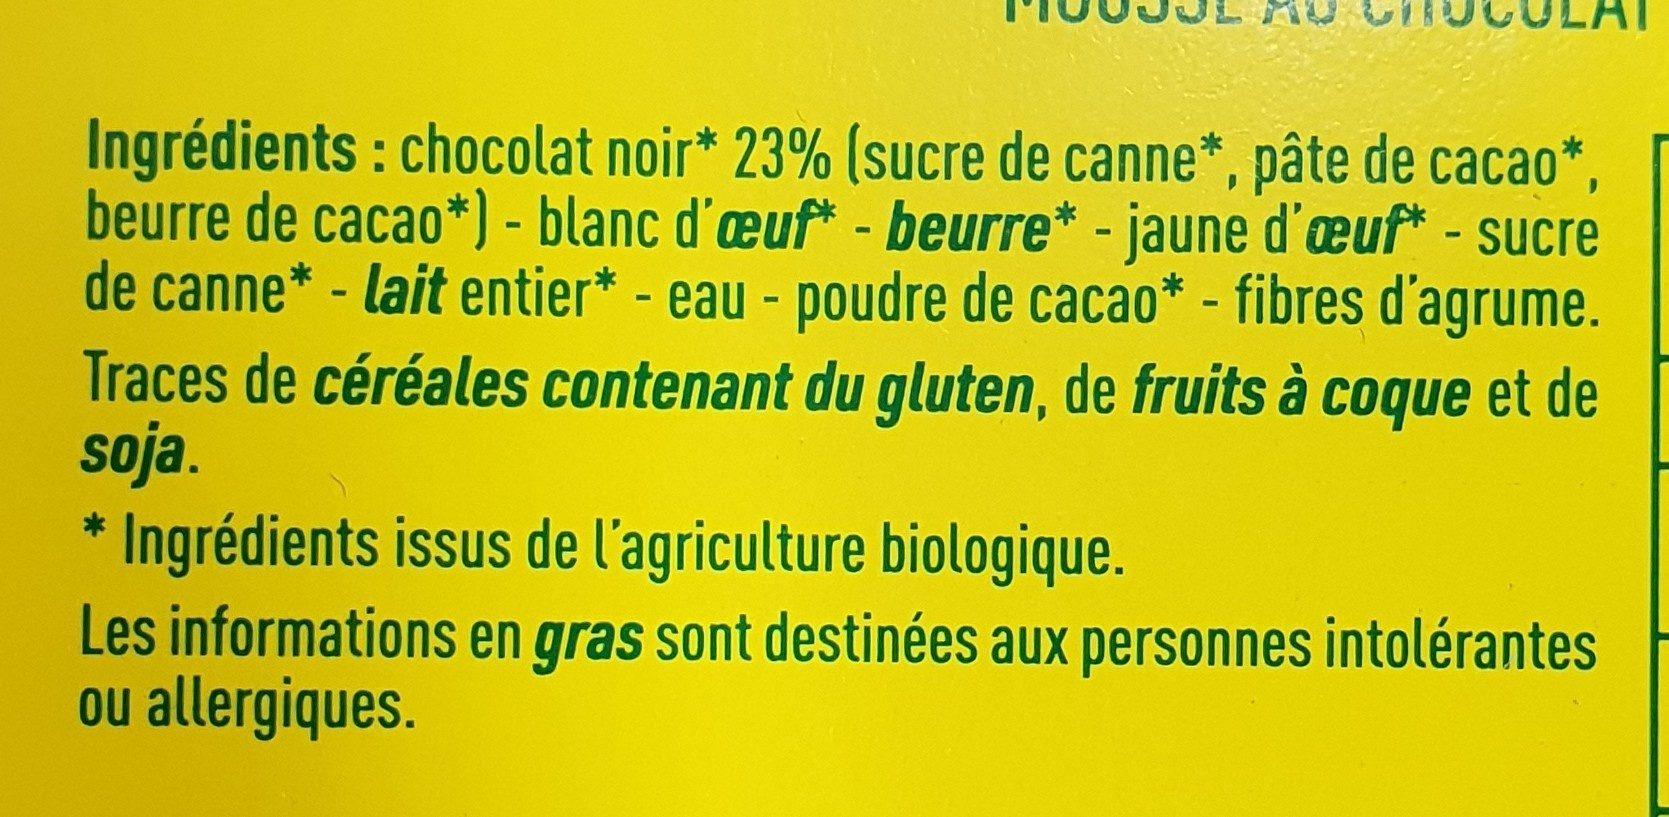 Mousse au chocolat pour beurre de cacao - Ingrédients - fr